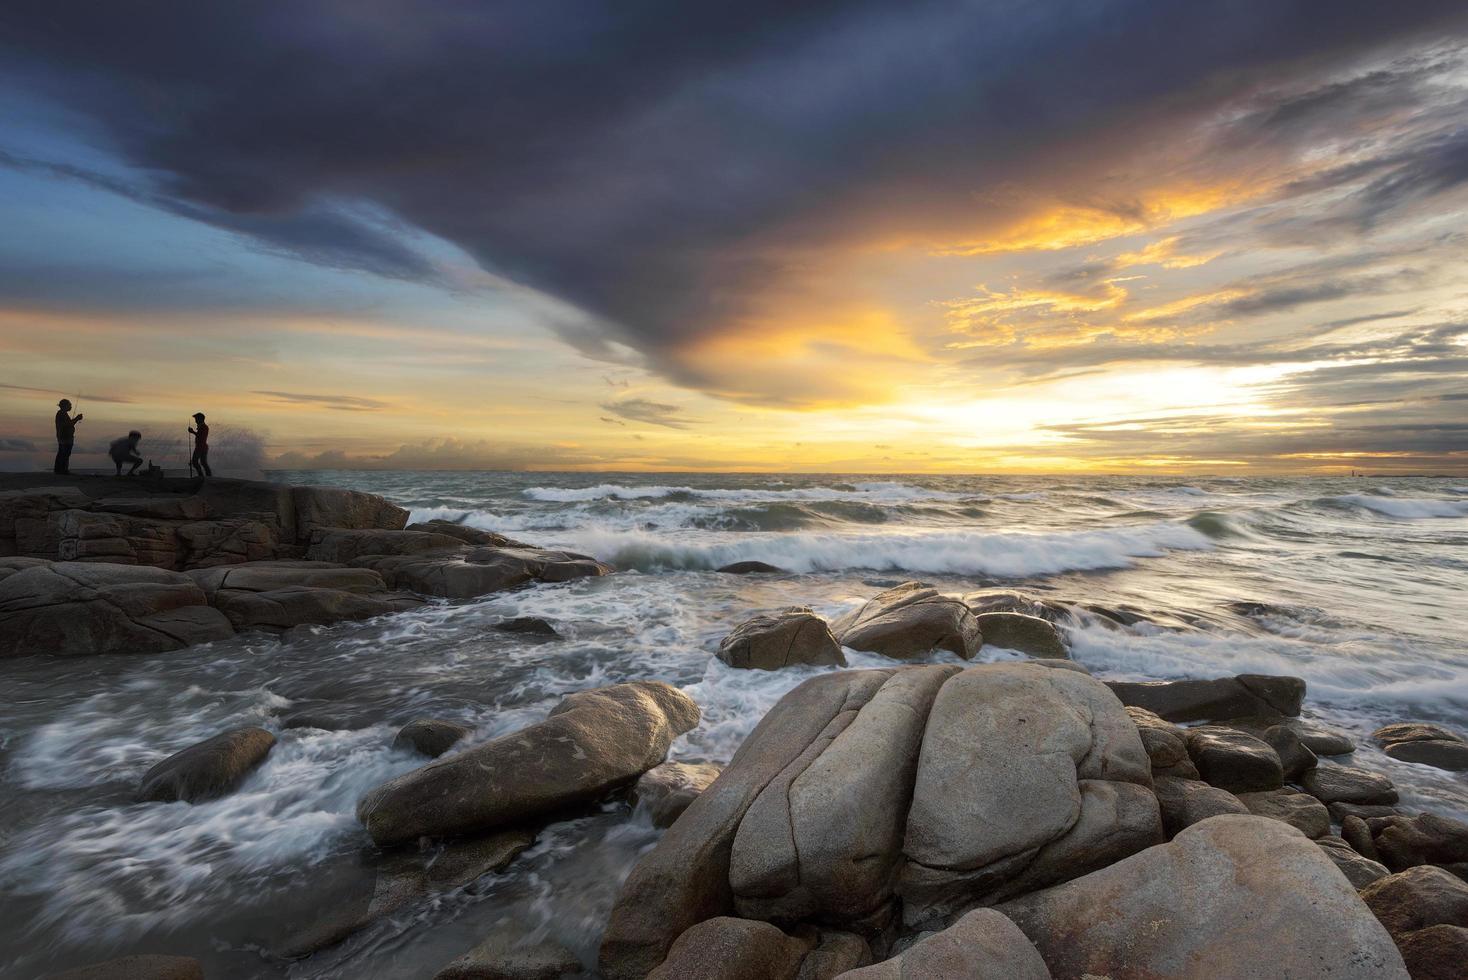 coucher de soleil coloré sur la mer photo